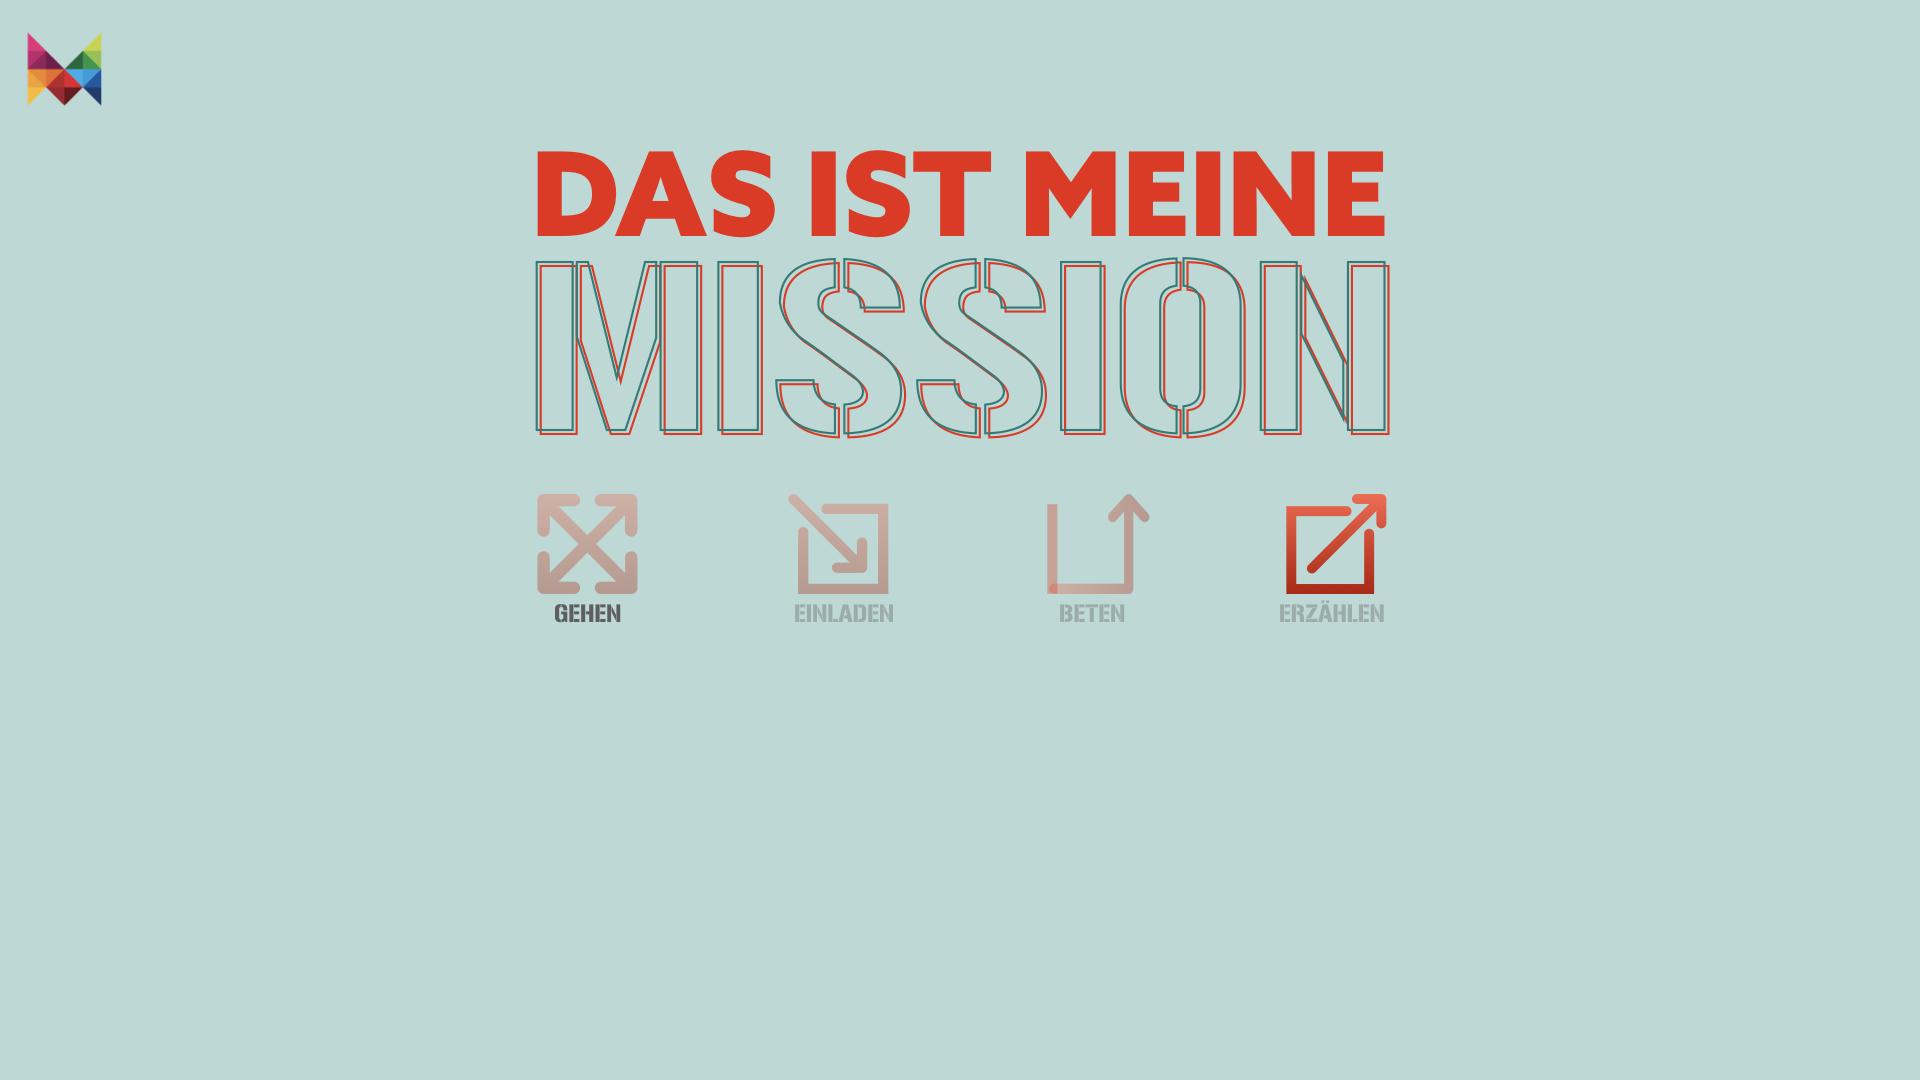 Meine Mission: Erzählen